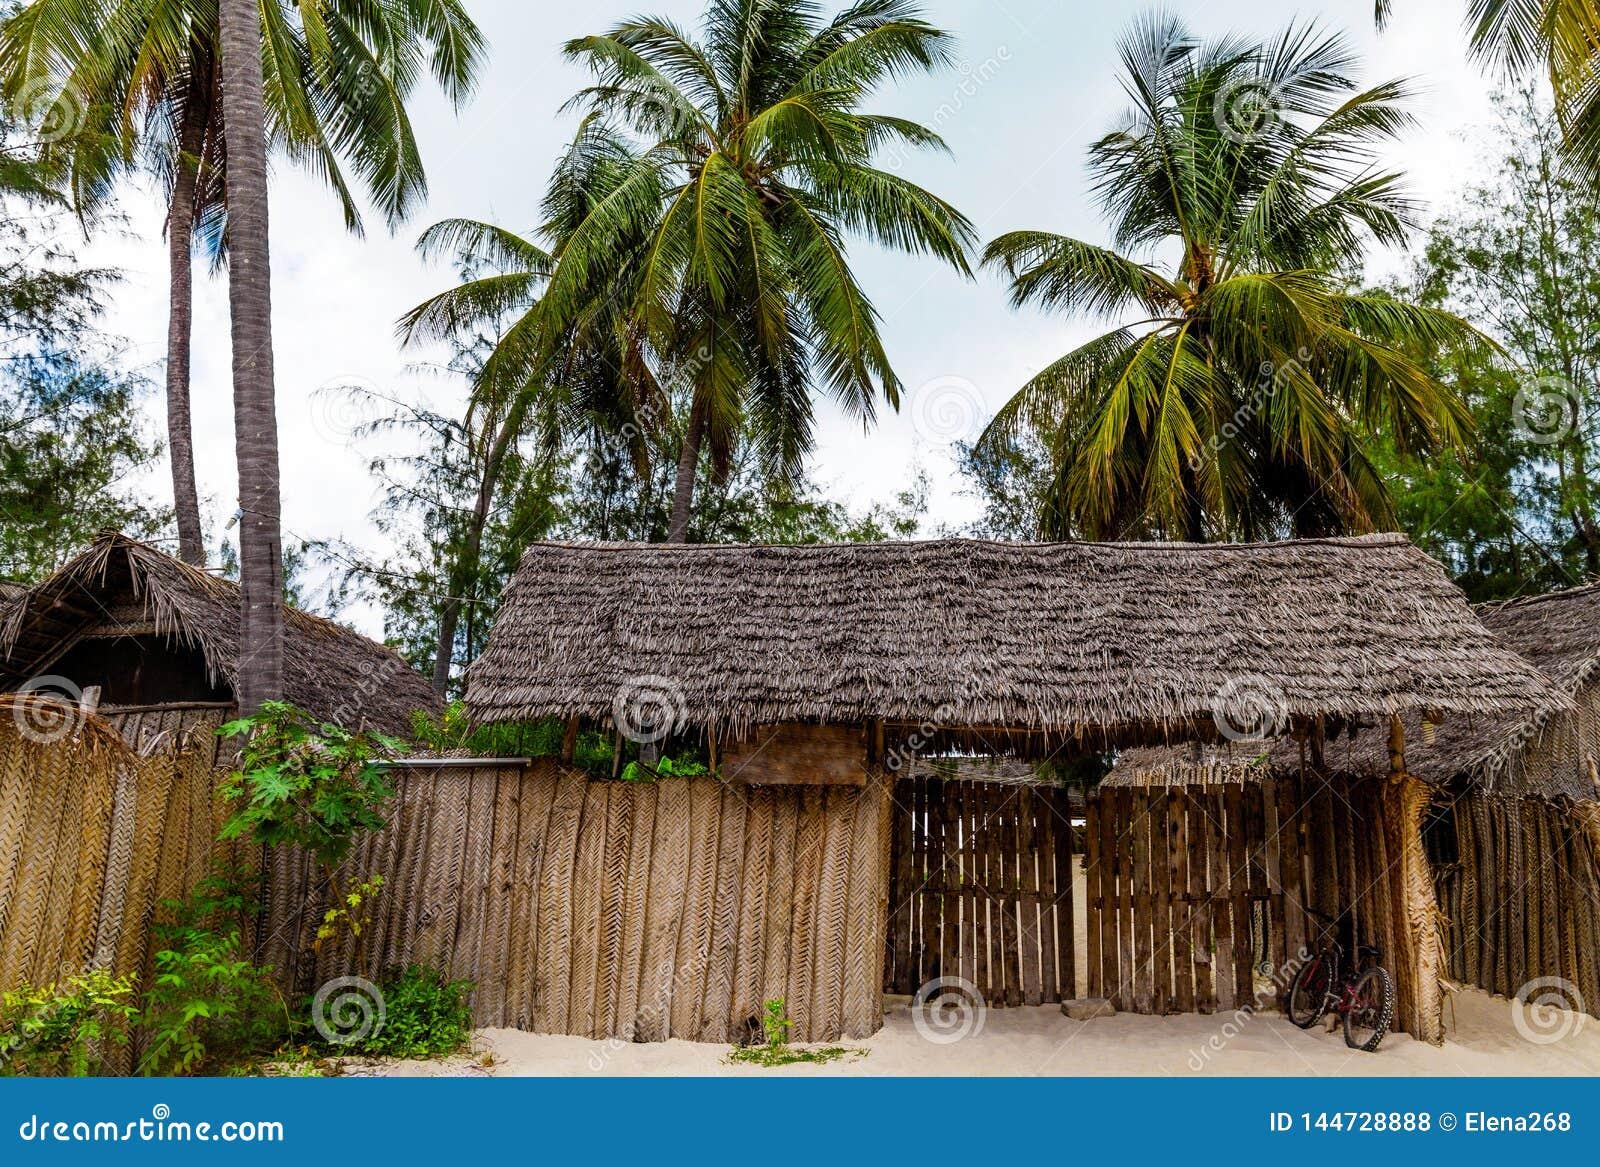 Pavillon mit Strohdach und grünen Palmen herum